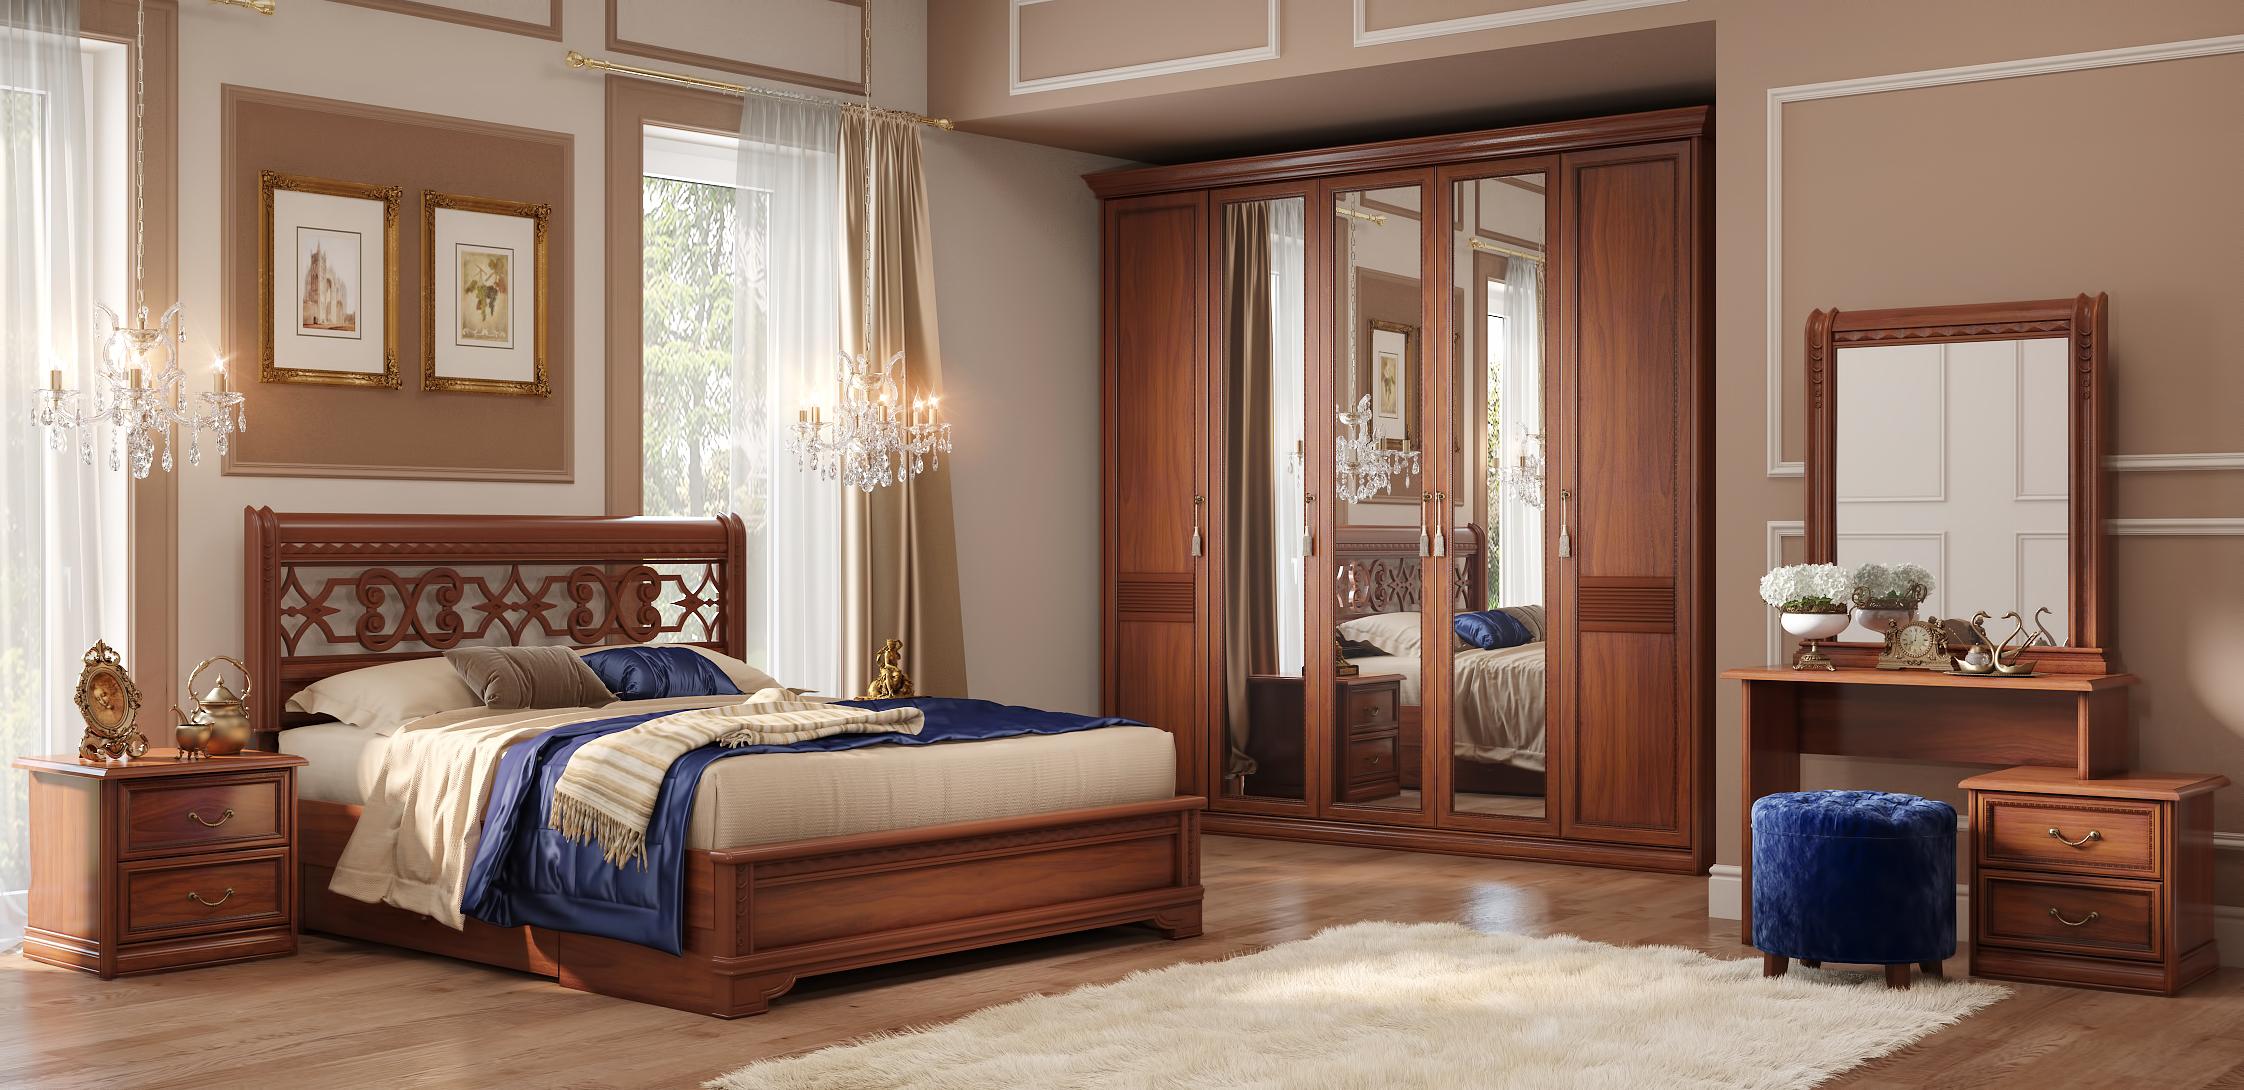 Спальный гарнитур шатура из натурального дерева